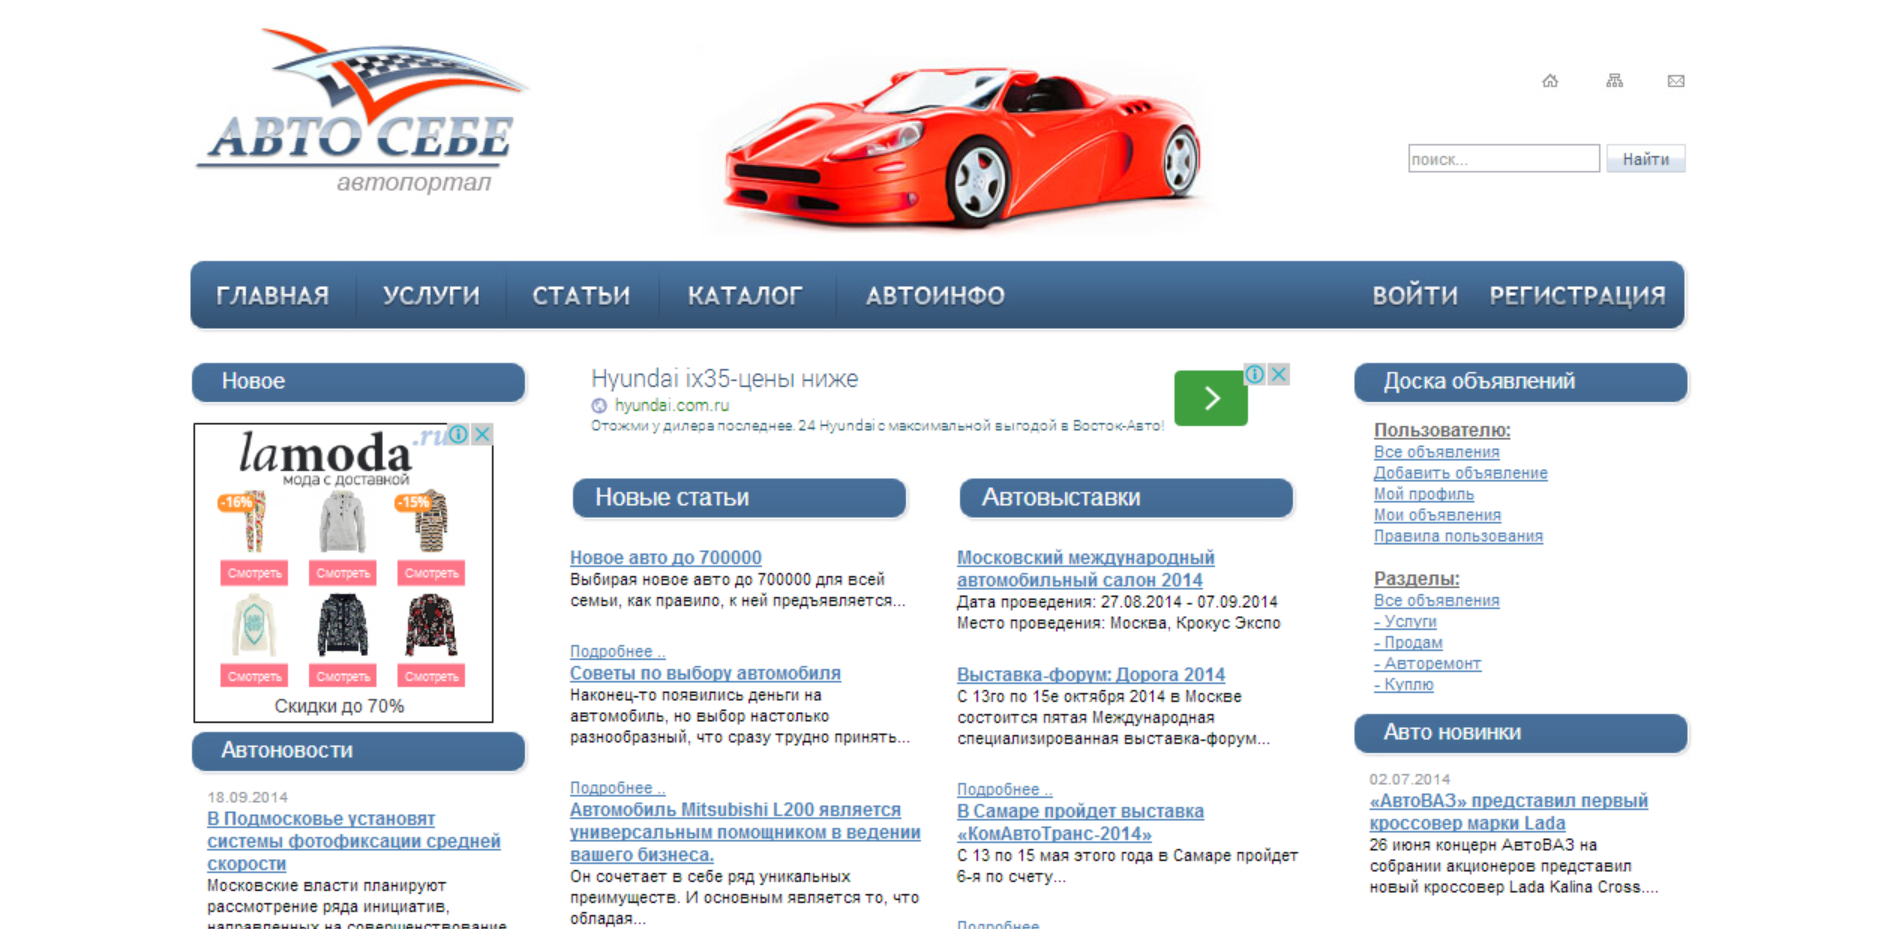 Ежедневное  наполнение авто-новостями сайт avtosebe.ru